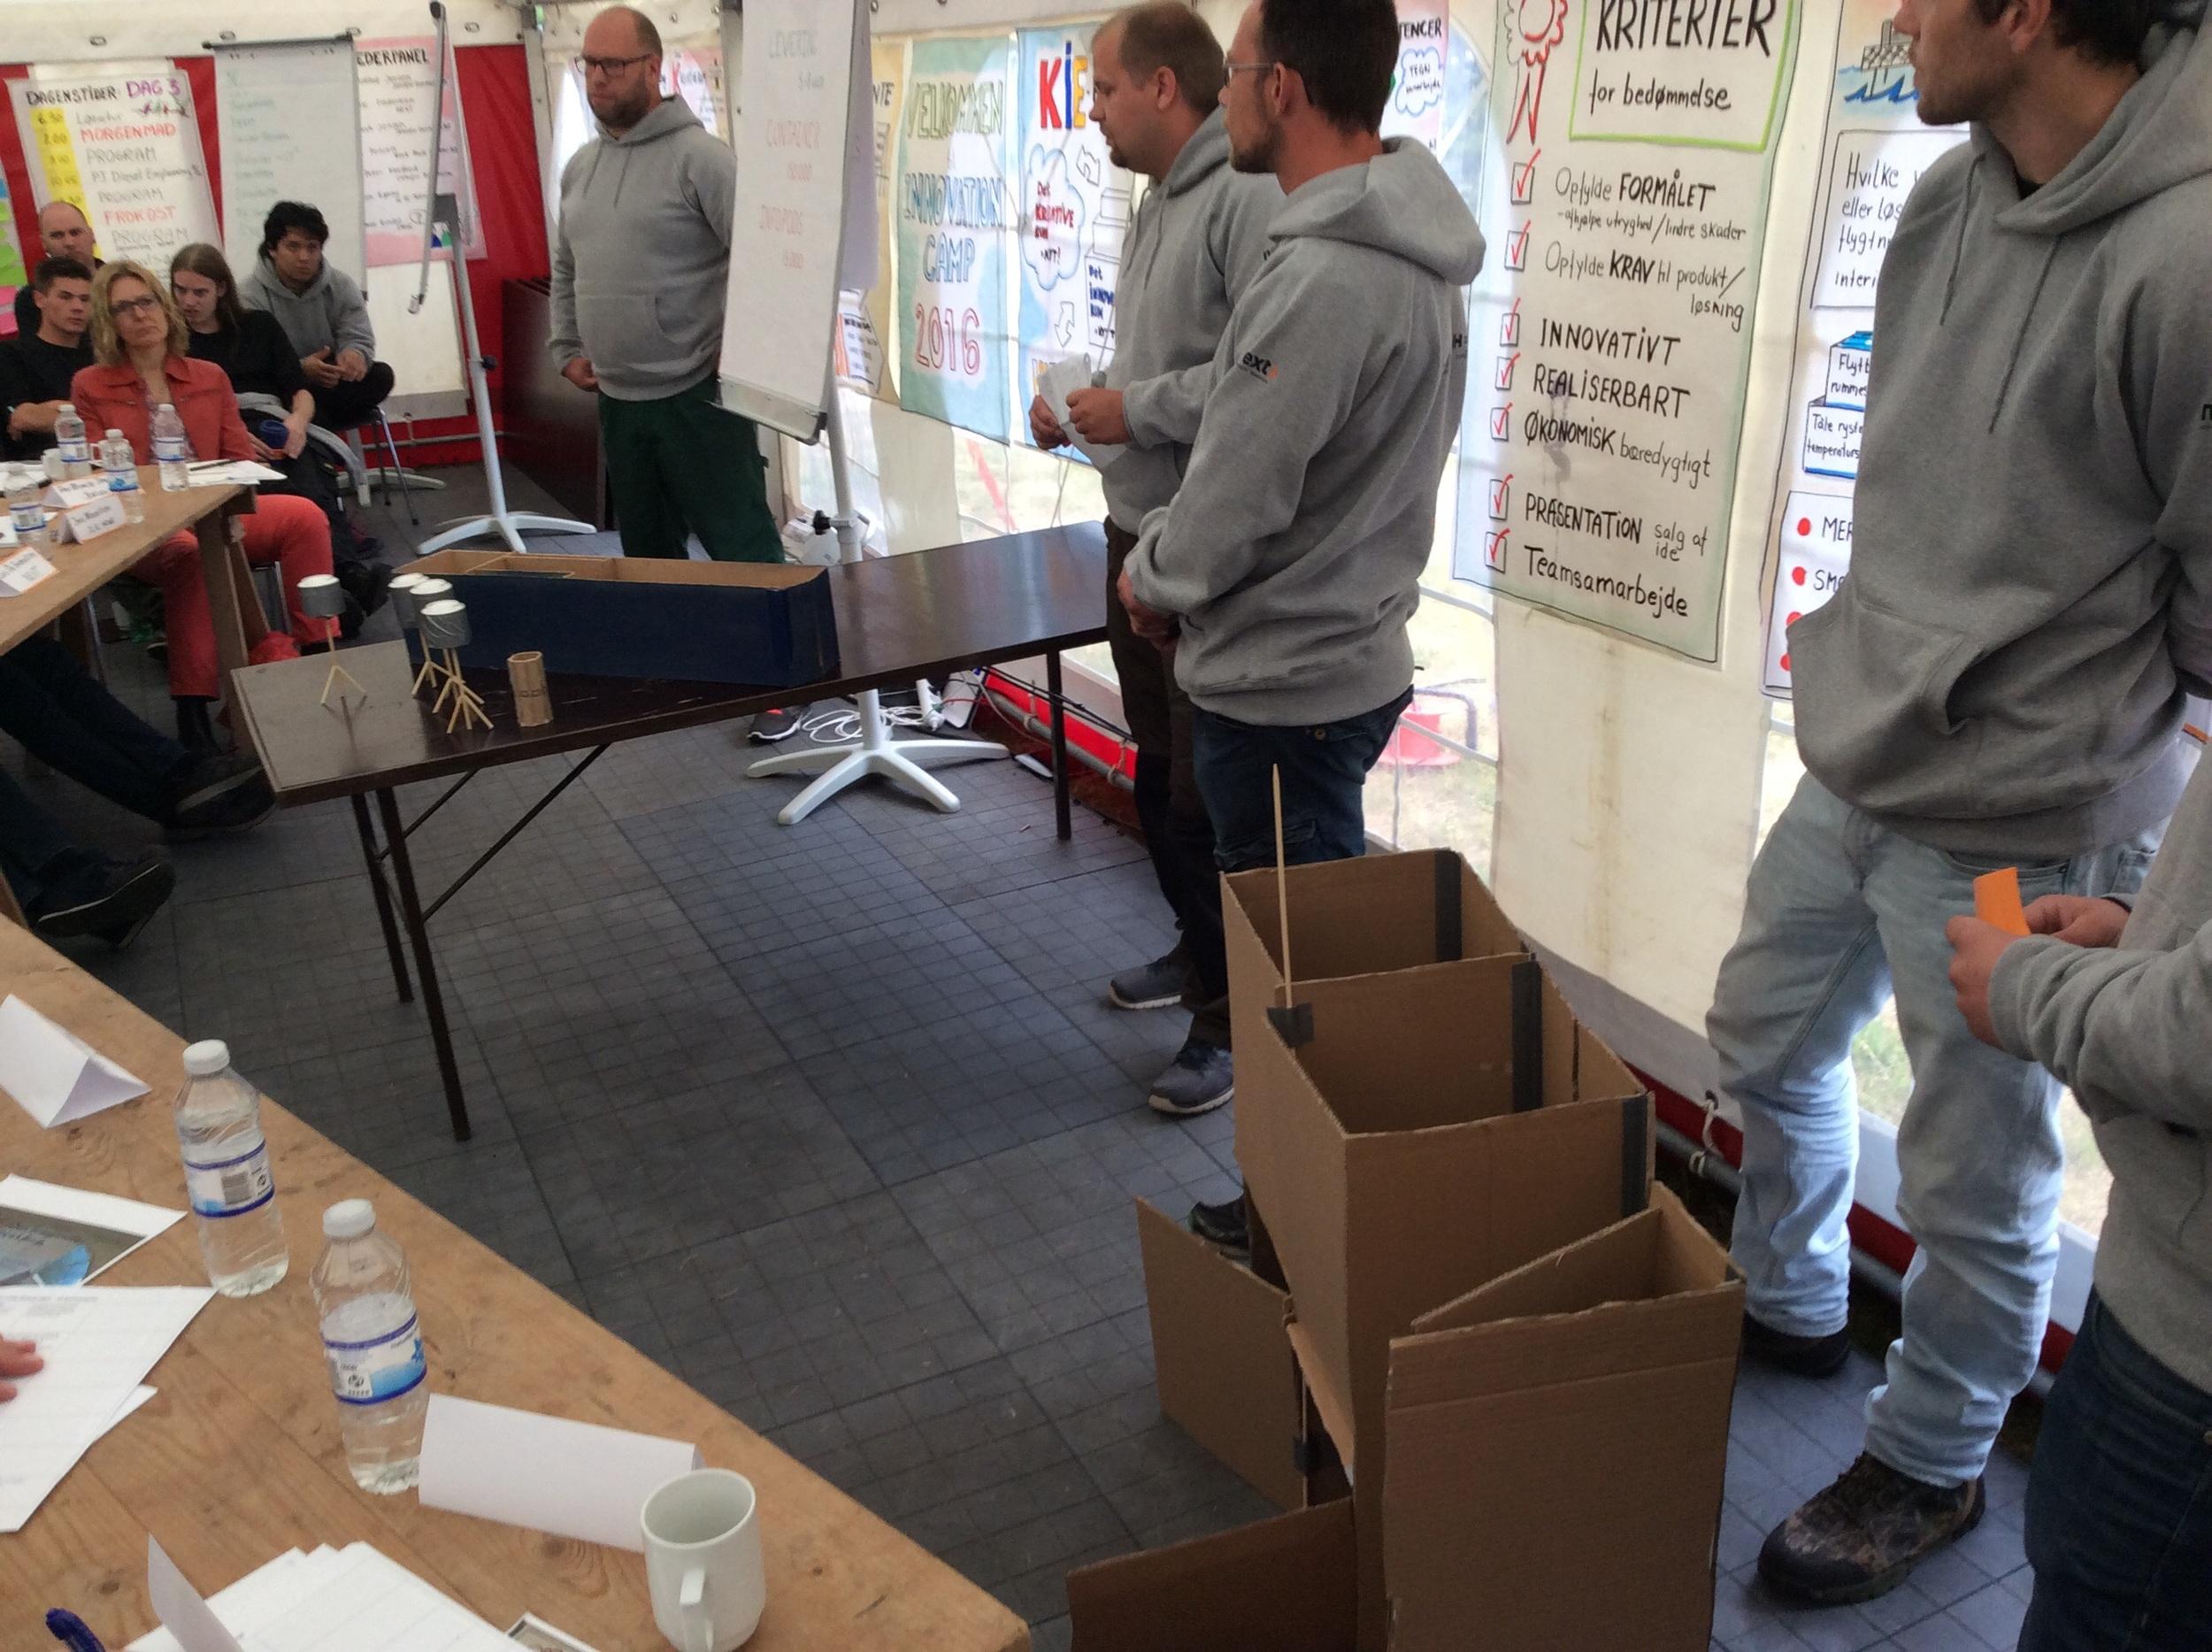 ICALM (information centre aid logistics modules) Her er målet at samle information om flygtninge og give information til dem. Både for at hjælpe flygtninge til at finde familie, men også for at indhente information om kompetencer, som evt. kan bruges i lejrene. Samtidig vil der køre infoskærme med nyheder fra deres område, og der vil blive oplyst om hygiejne. Der er desuden en jobcentral, som skal hjælpe med at koordinere hjælpearbejdere.Det hele er indbygget i en container, som samtidig kan benyttes til at opbevare ejendele, således at flygtninge har mulighed for at passe på deres værdier.